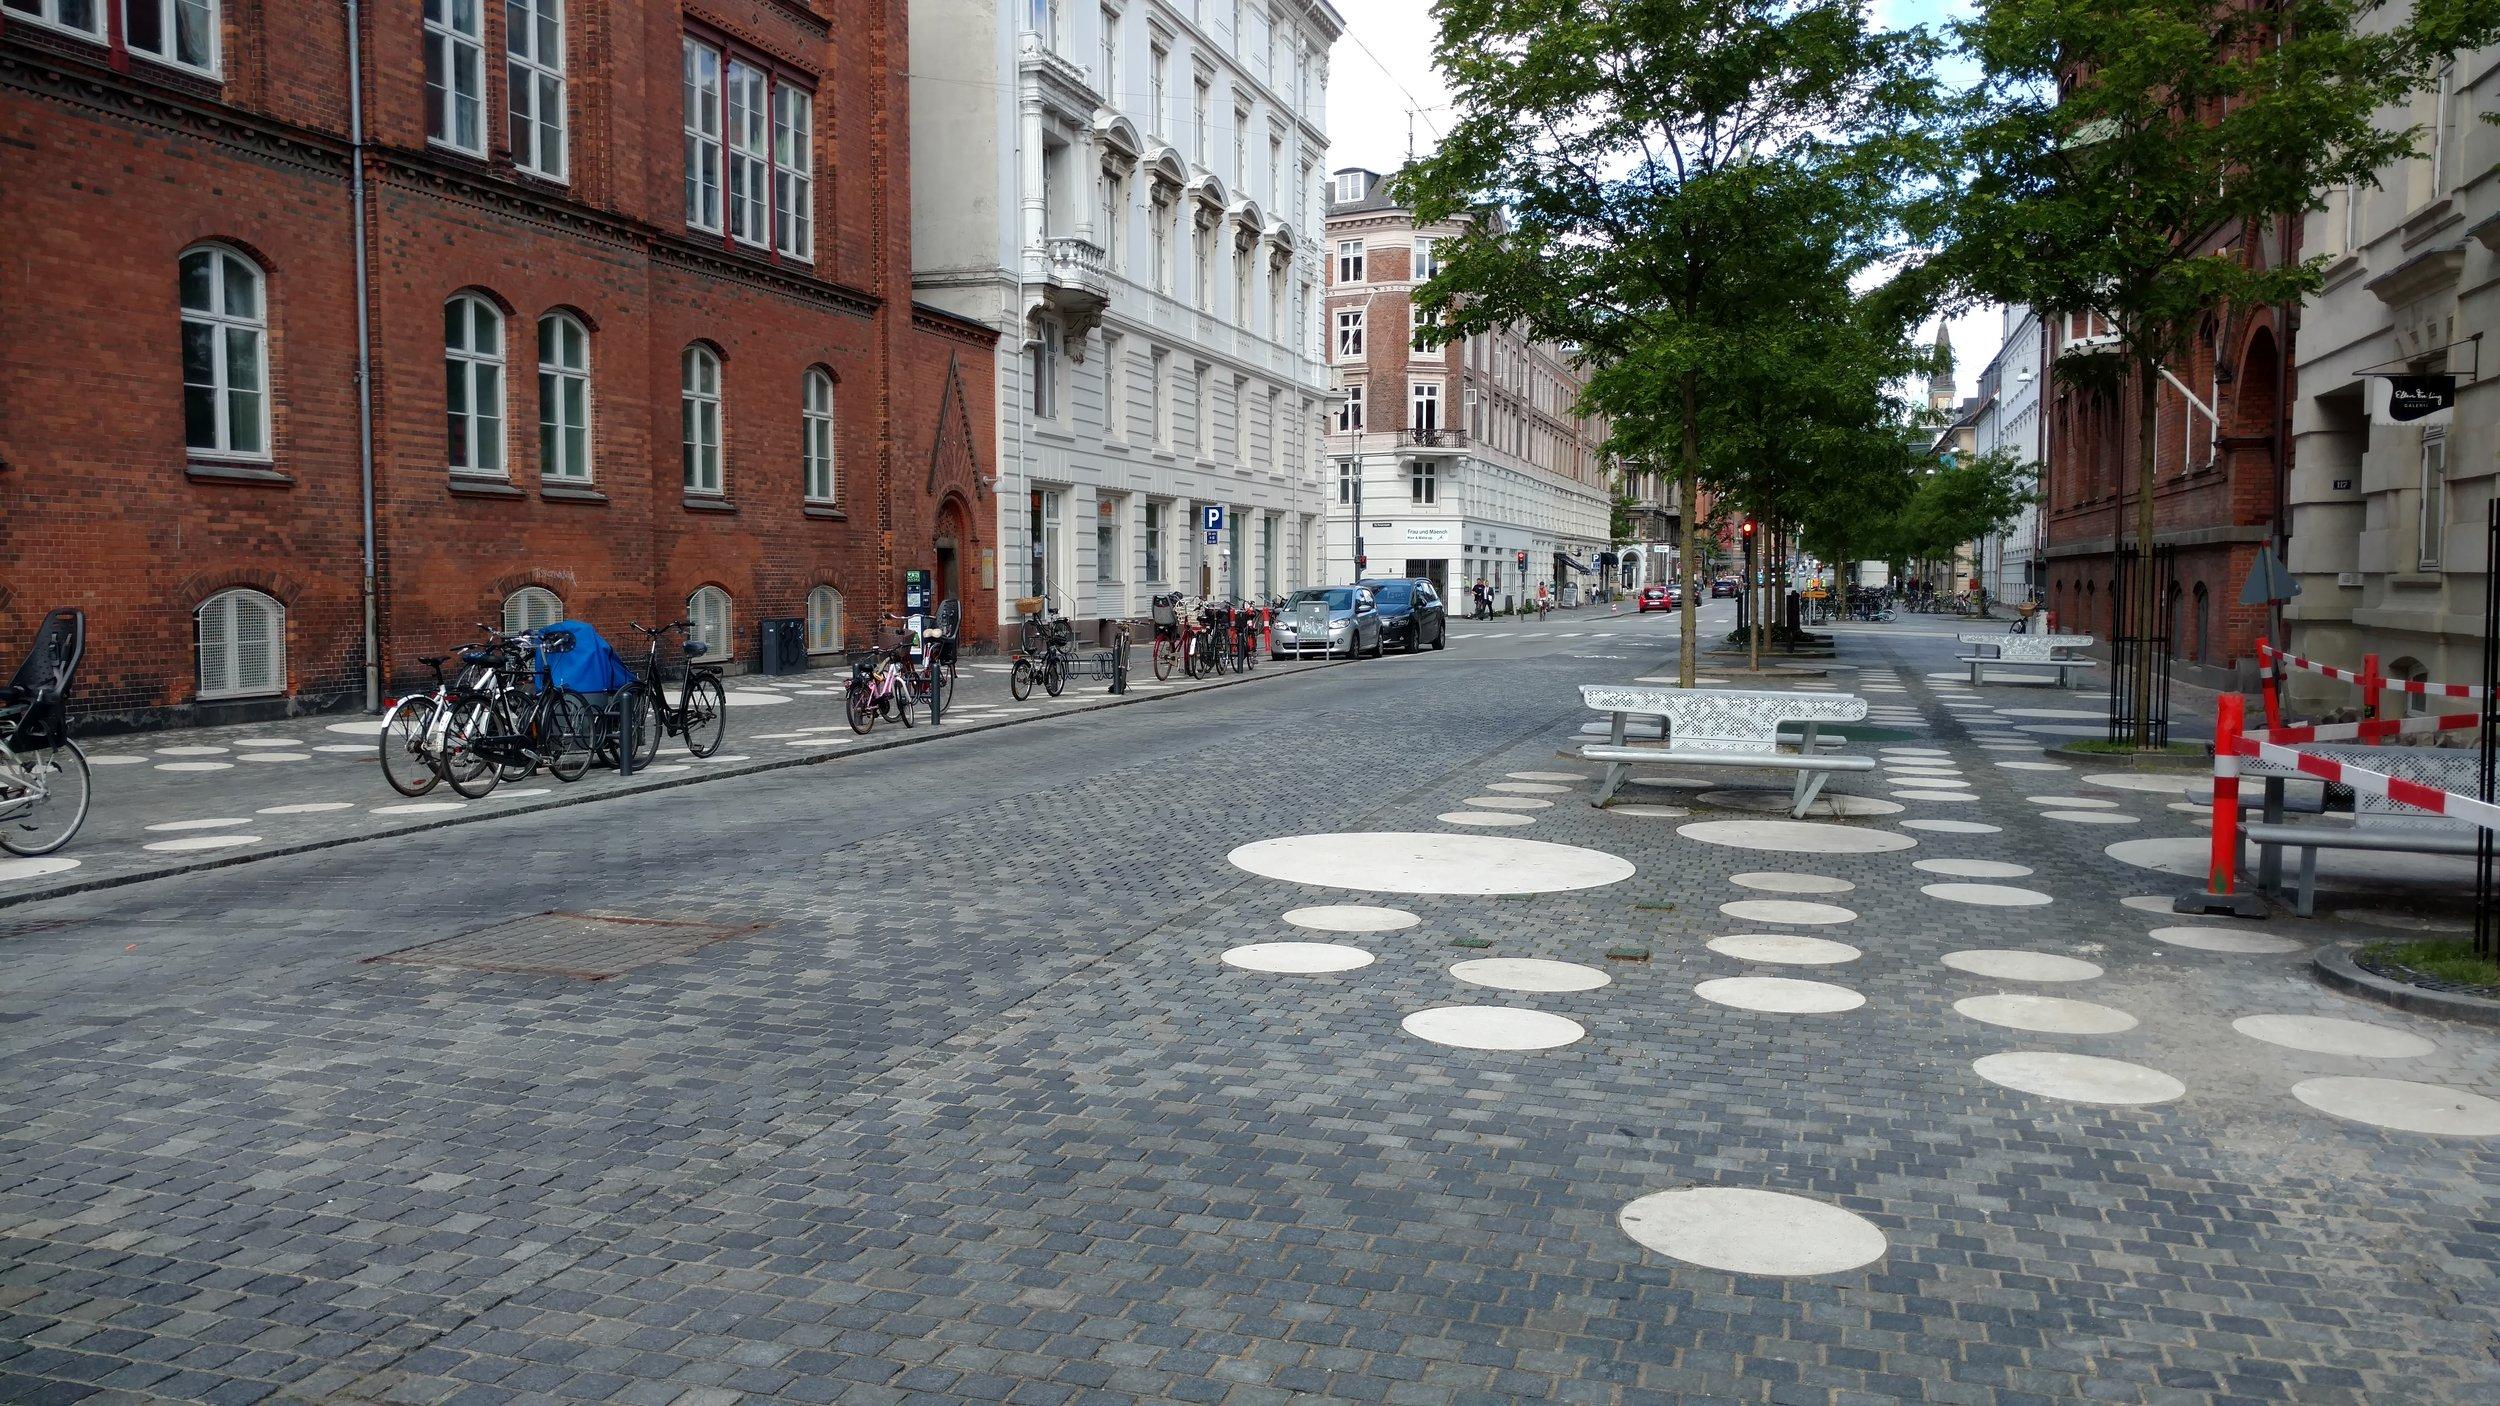 Wide sidewalks and public space outside a school.